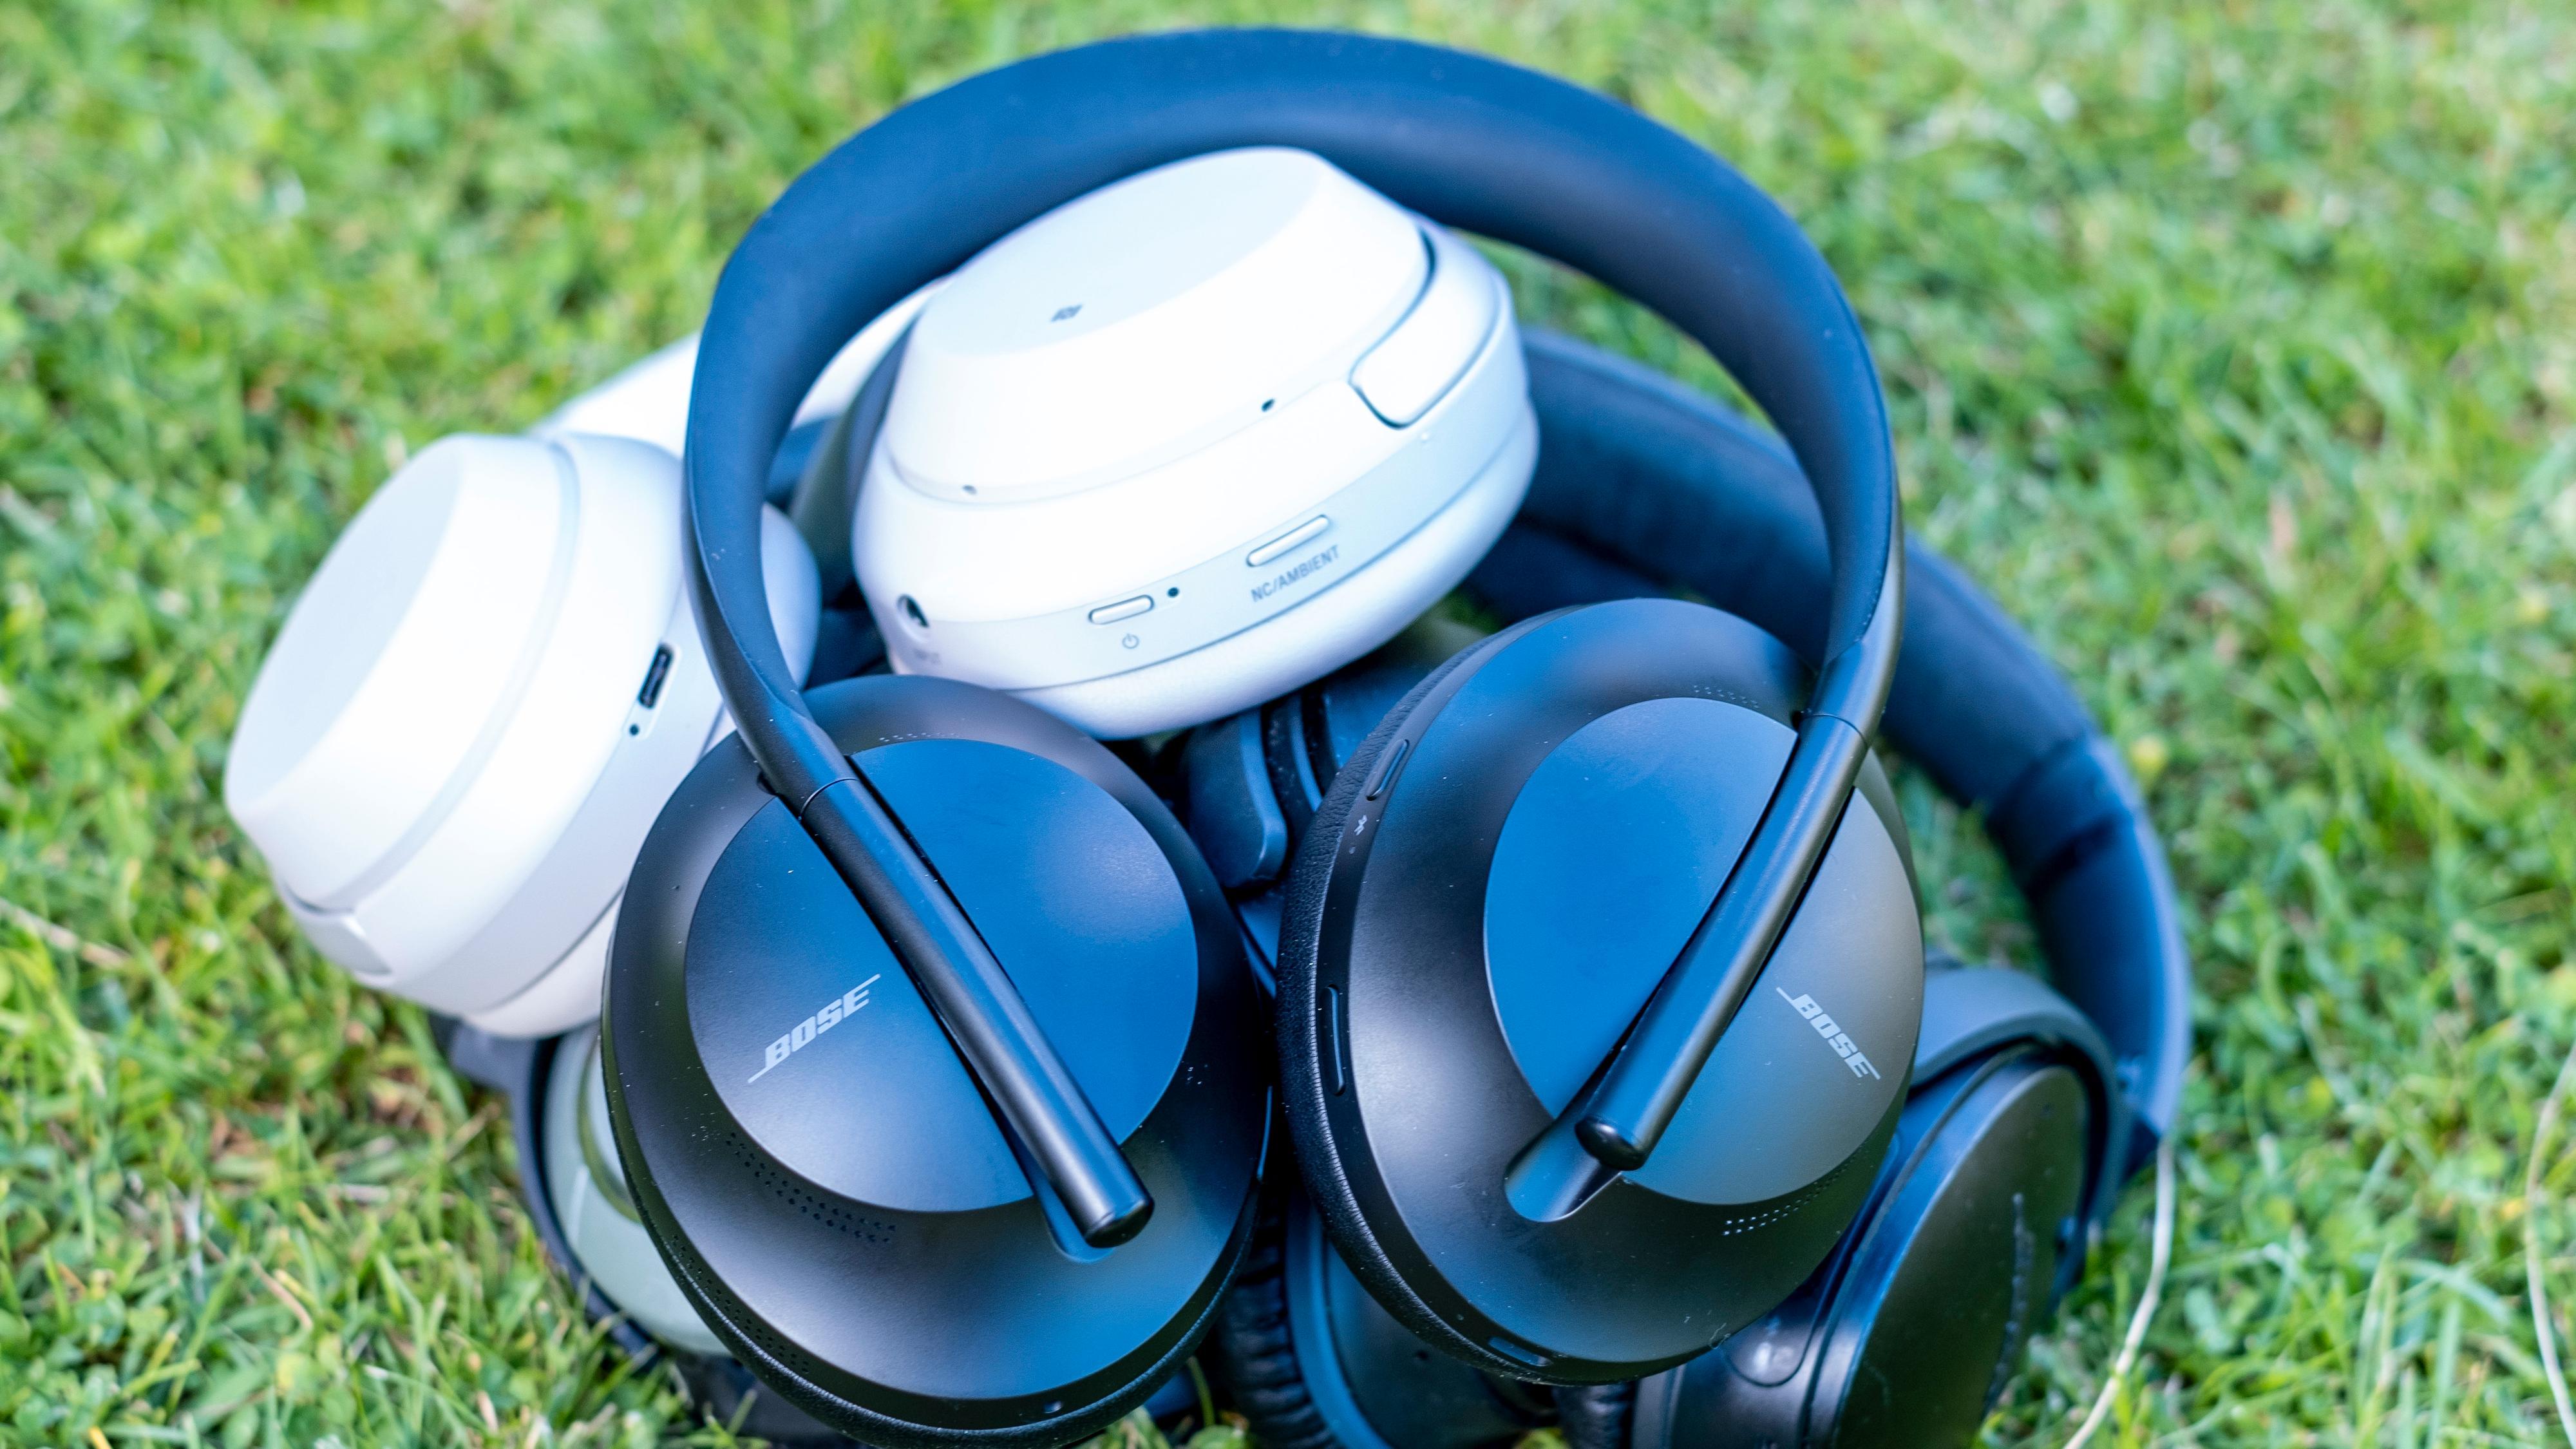 Boses Noise Cancelling Headphones 700 oppå en liten stabel av konkurrenter, deriblant Sonys 1000XM-serie, som har slått voldsomt an.